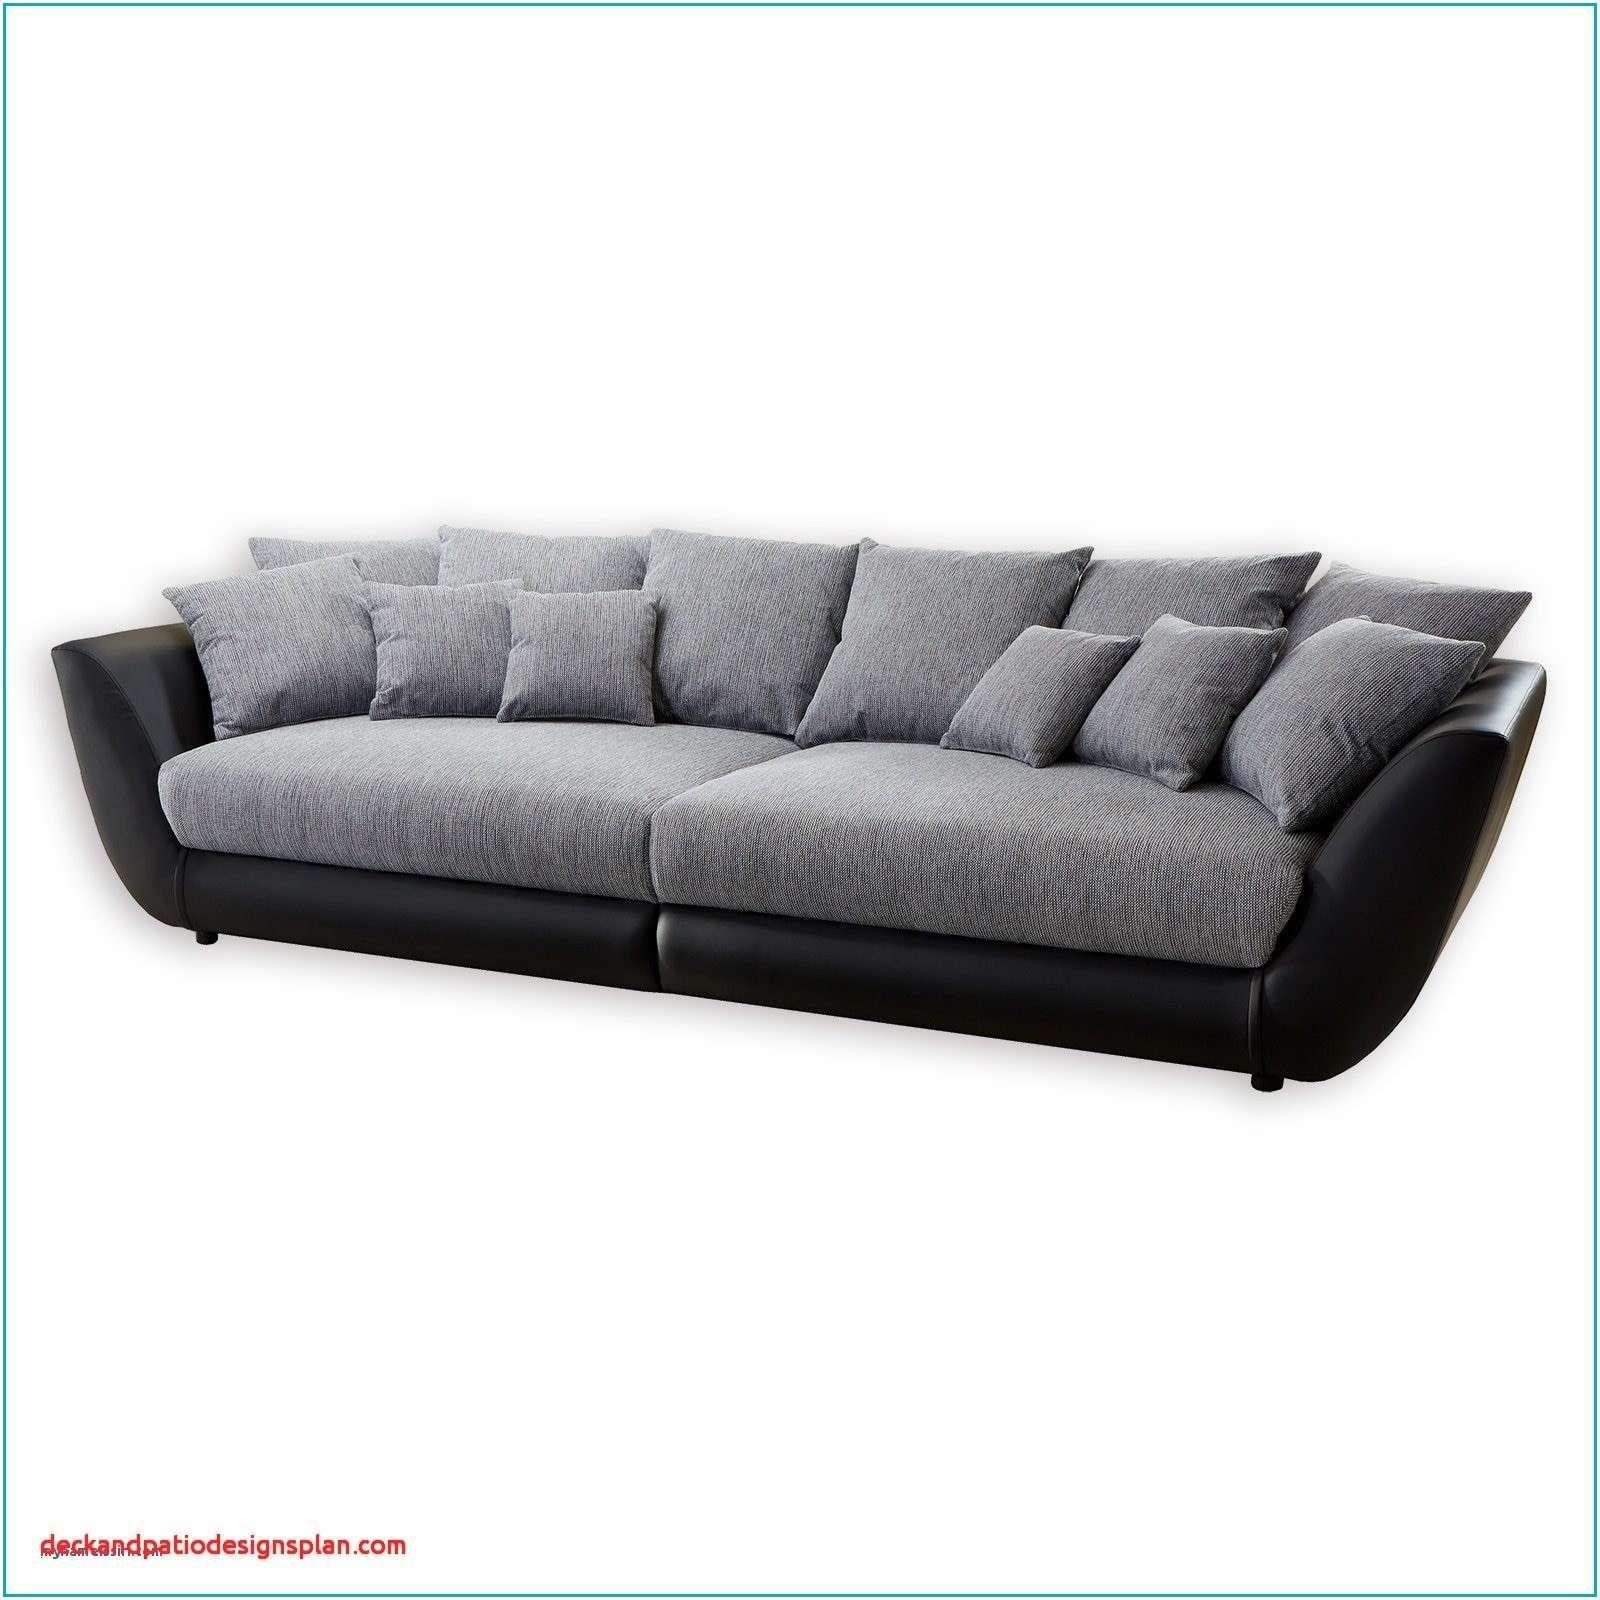 Wohnlandschaft L Form Gunstig Sofa Grau Schwarz In 2020 With